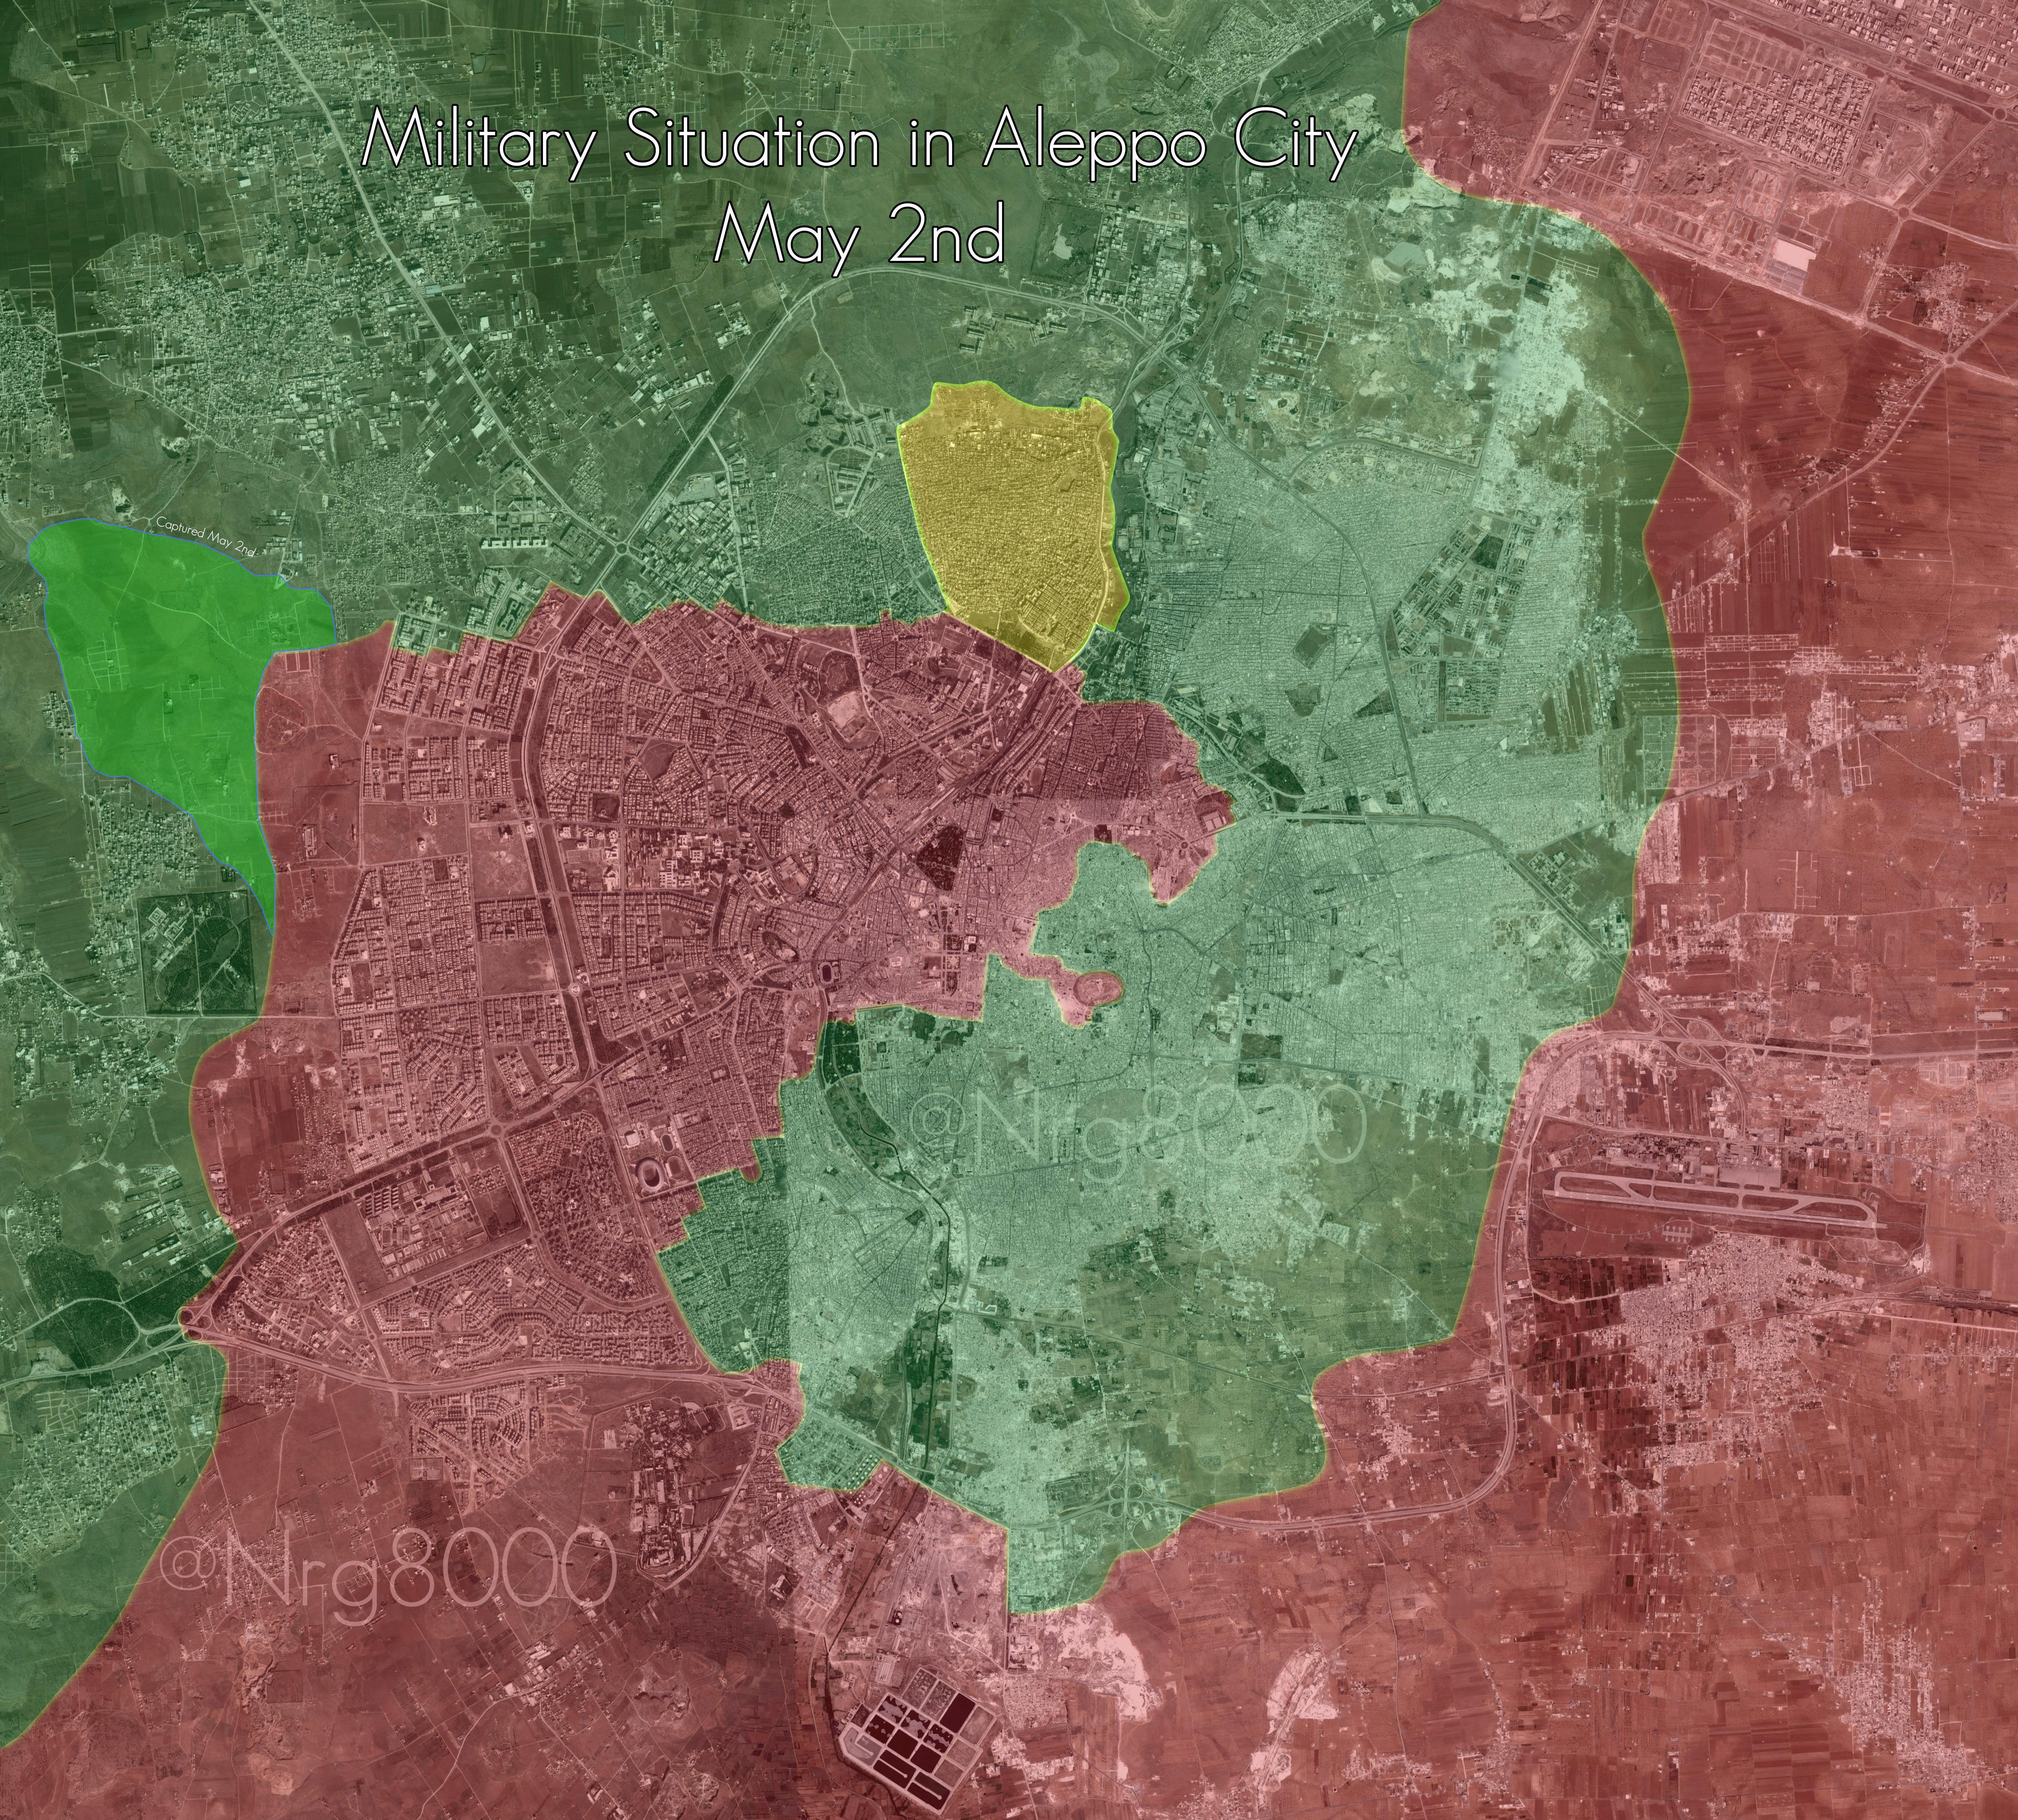 Guerre Civile en Syrie ( LISEZ LE PREMIER POST ! ) - Statut spécial  - - Page 39 X7e1g4ainw9a3wizg